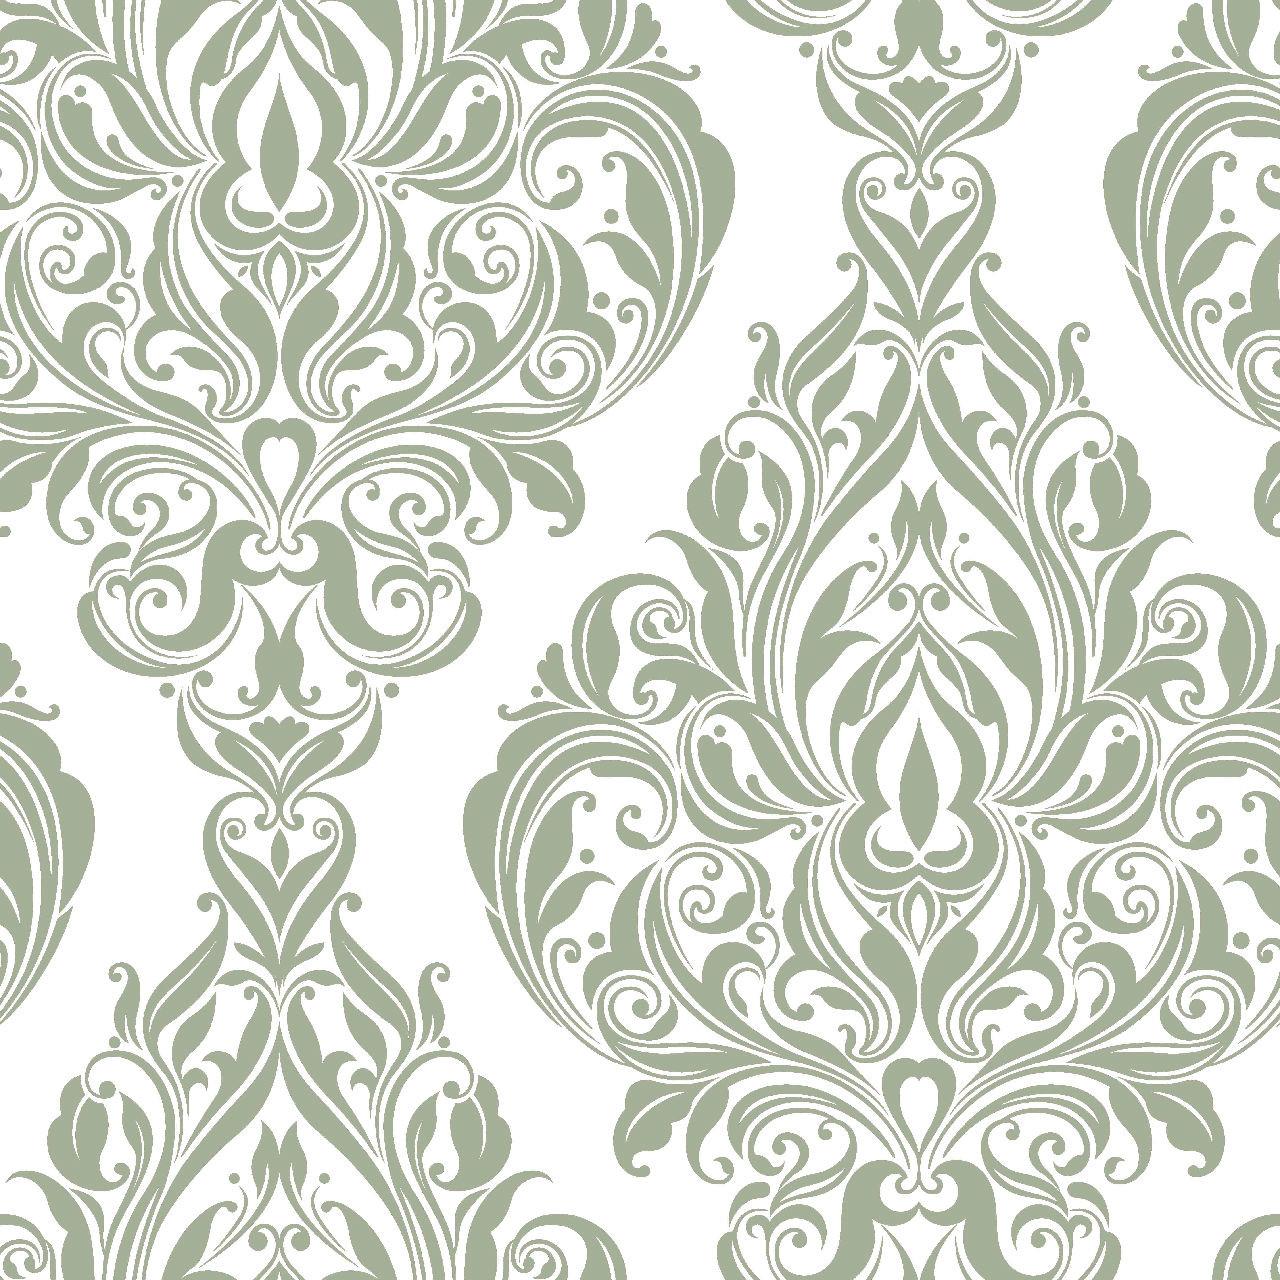 沃土硅藻泥—欧式花系列【图片 价格 规格 评价】-版